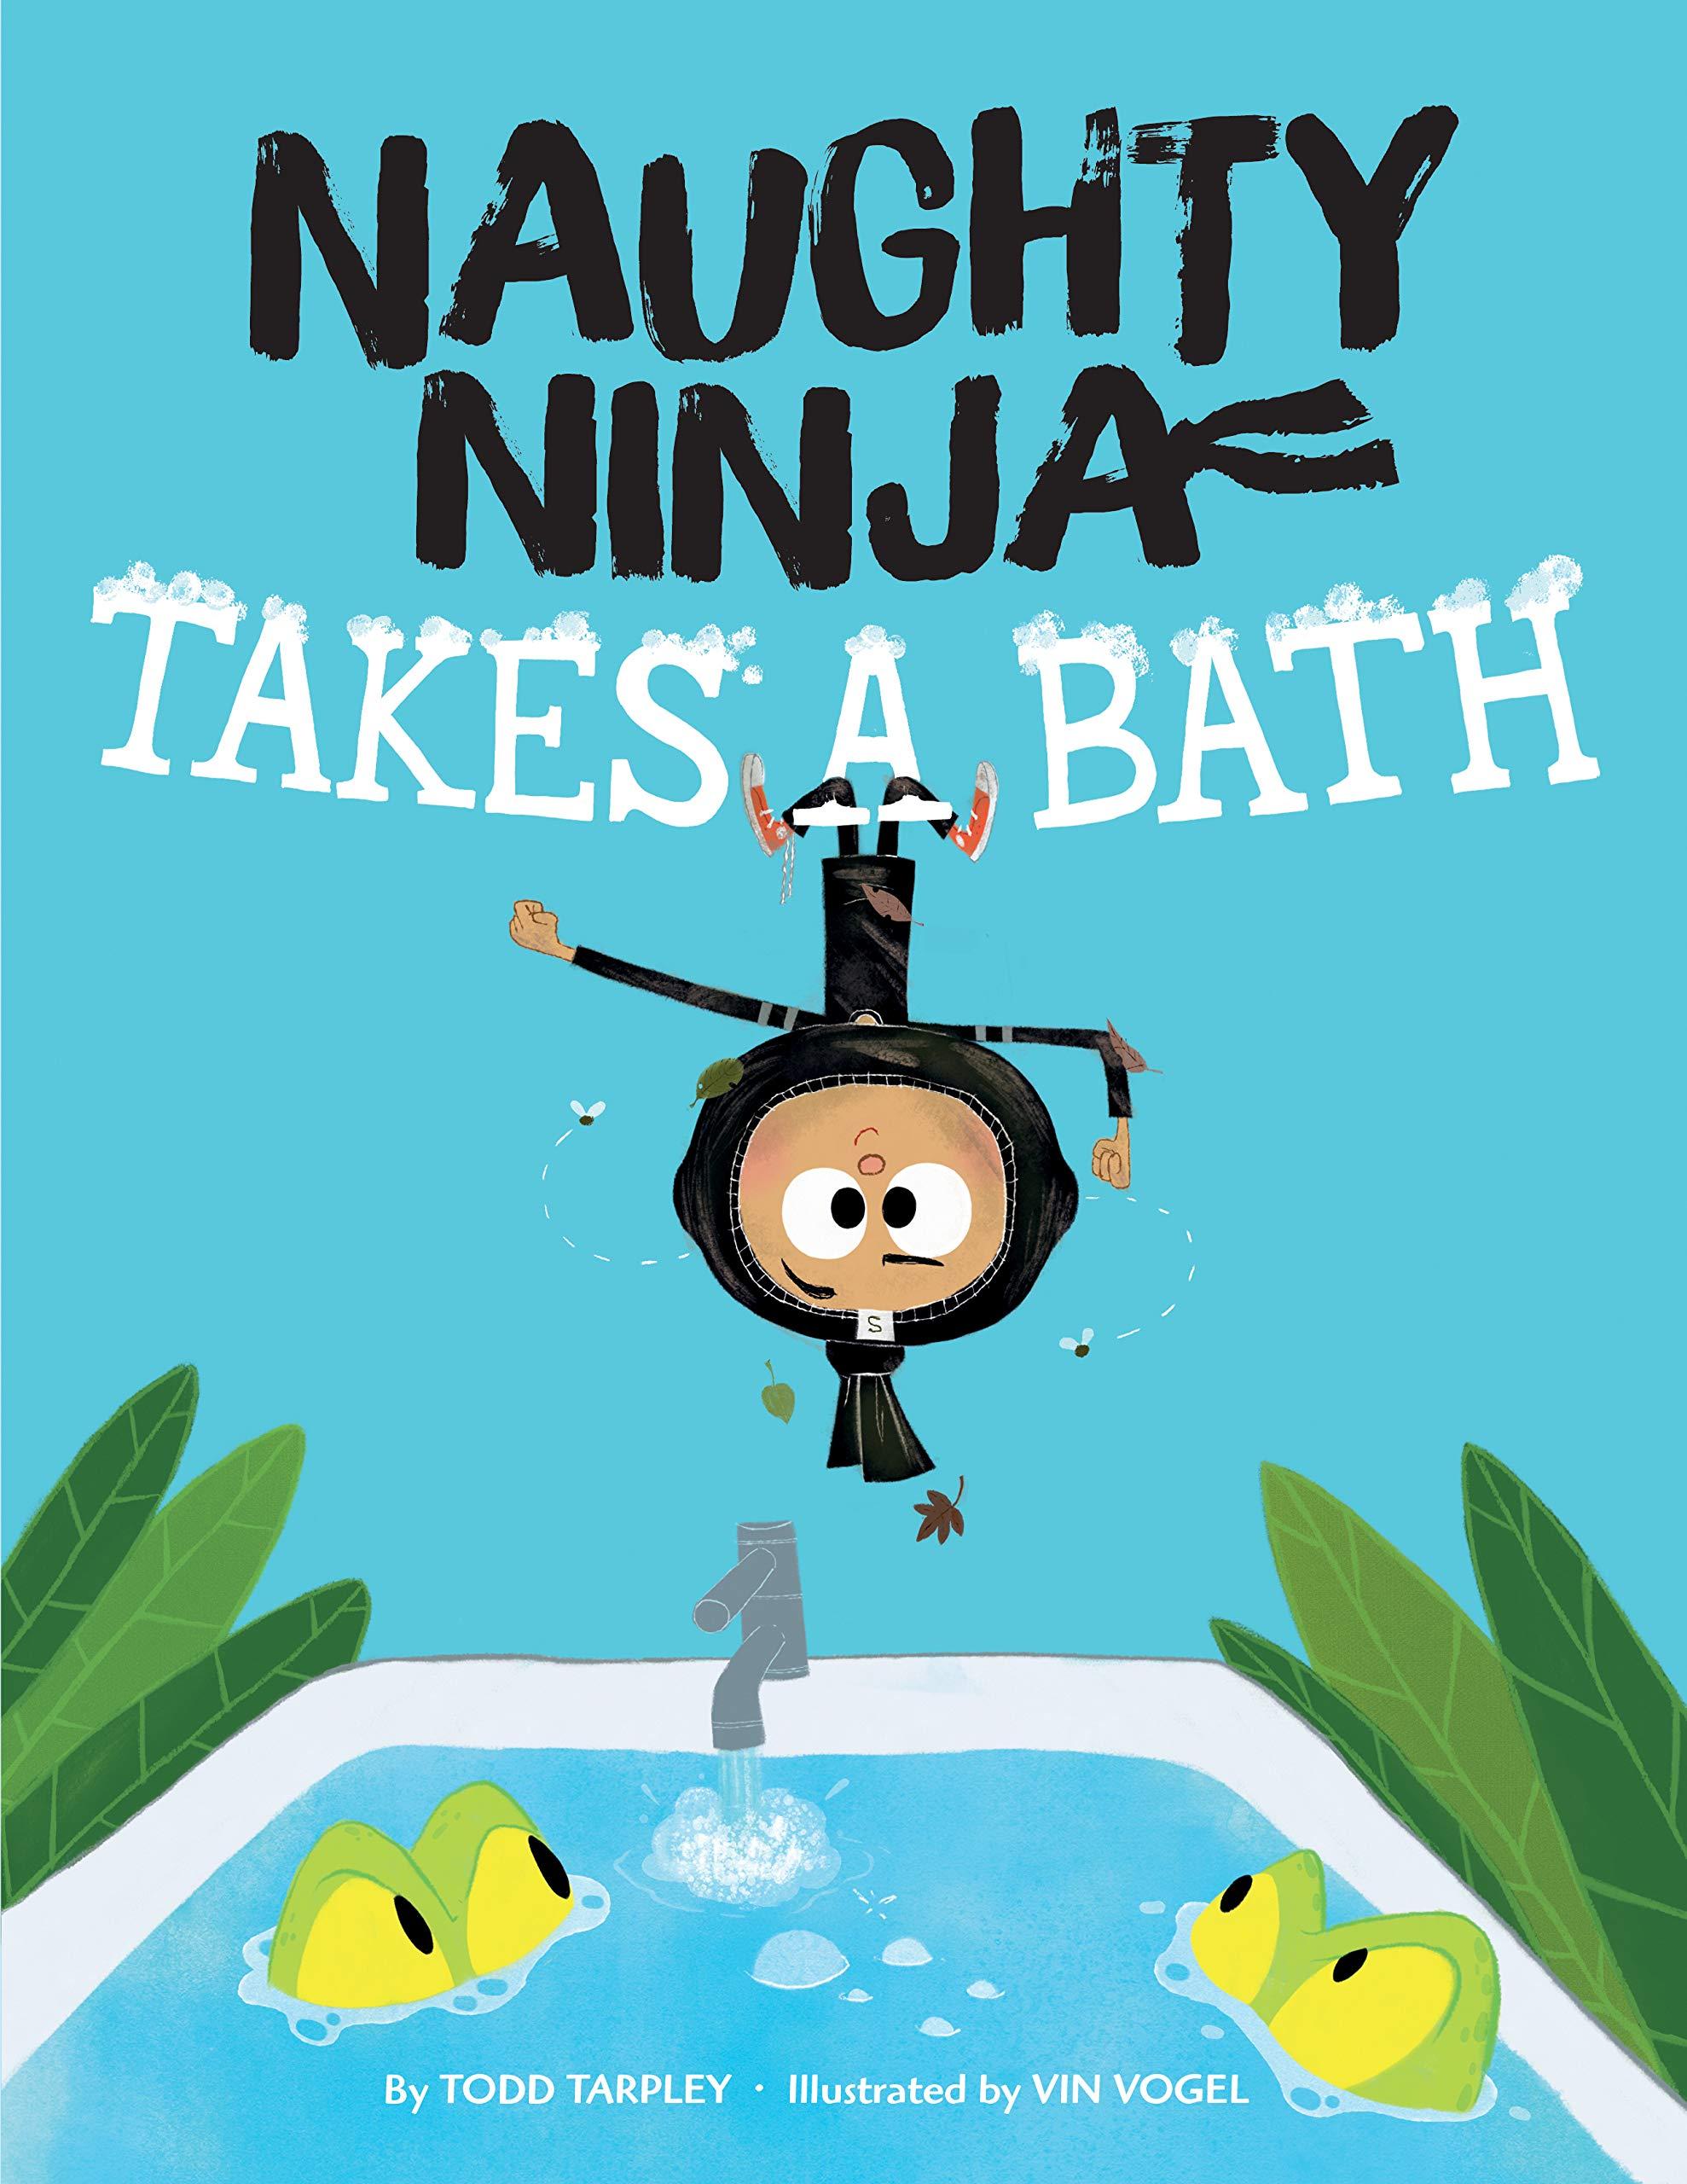 Amazon.com: Naughty Ninja Takes a Bath (9781542094337): Todd ...